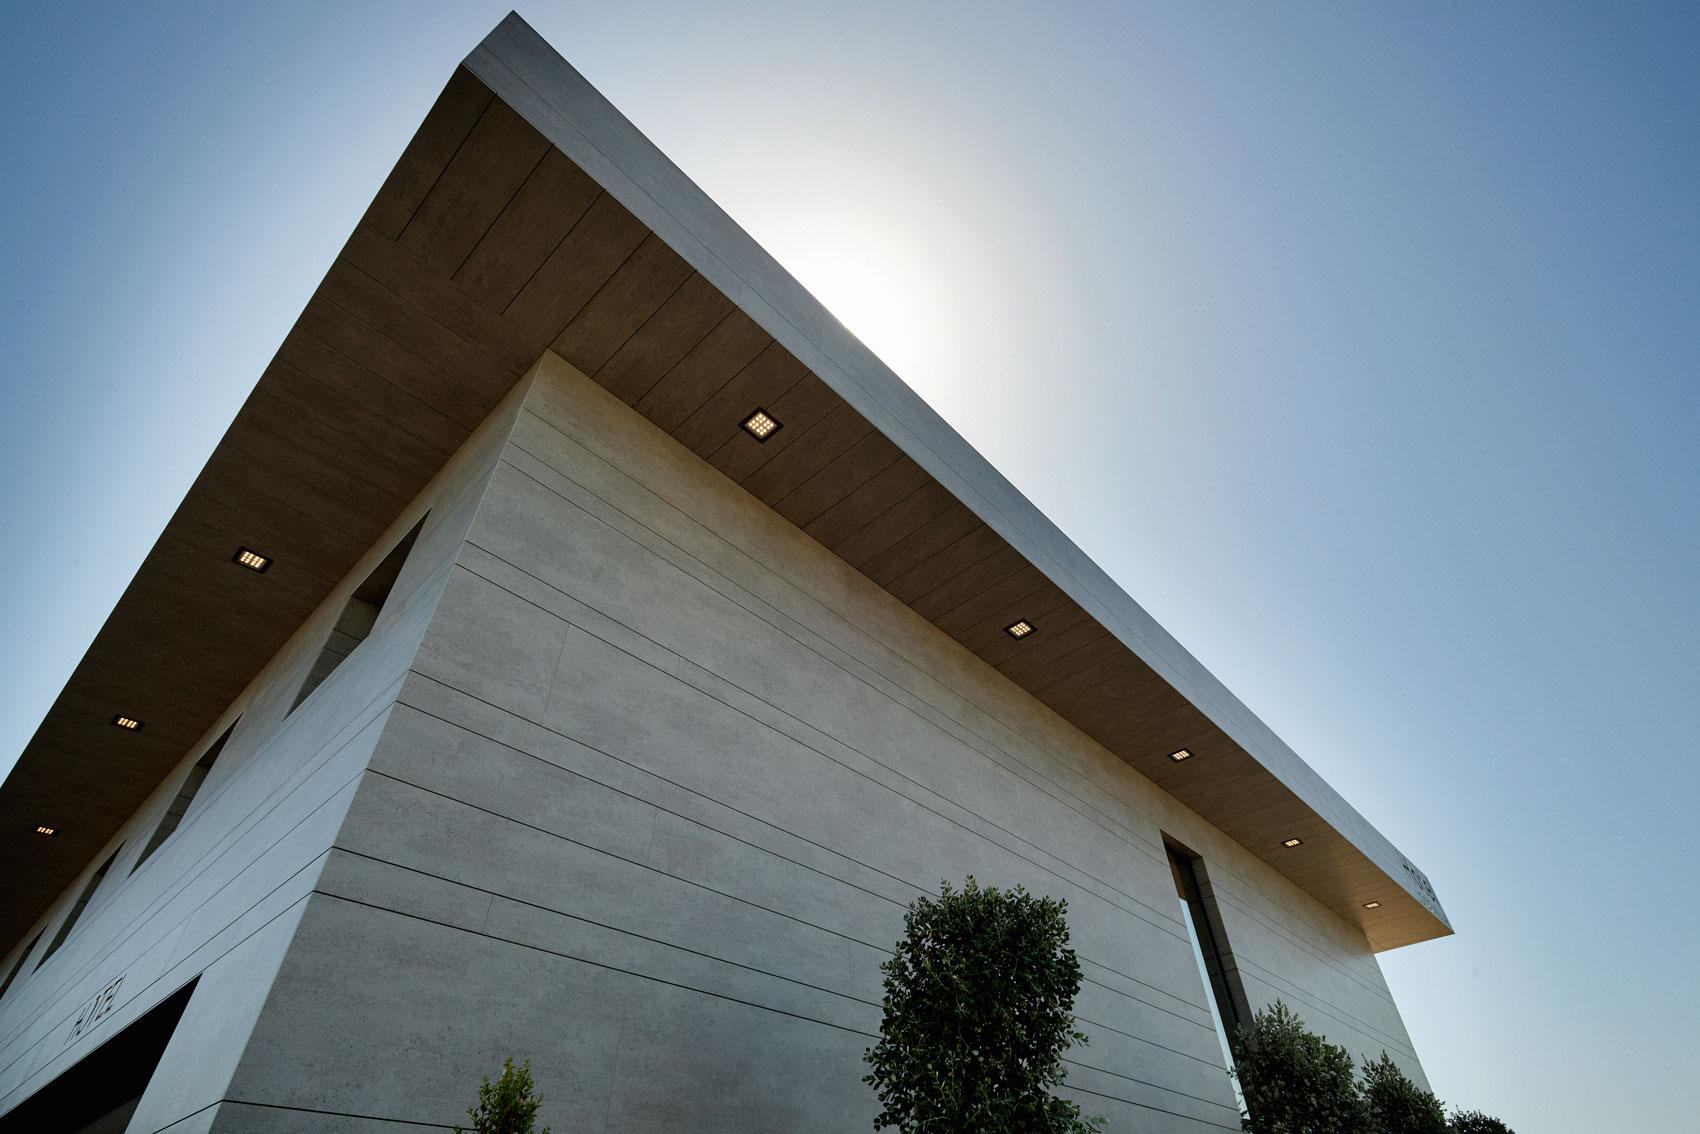 Façades that adapt  - cosentino 161 fachada principal DSC 0004 44